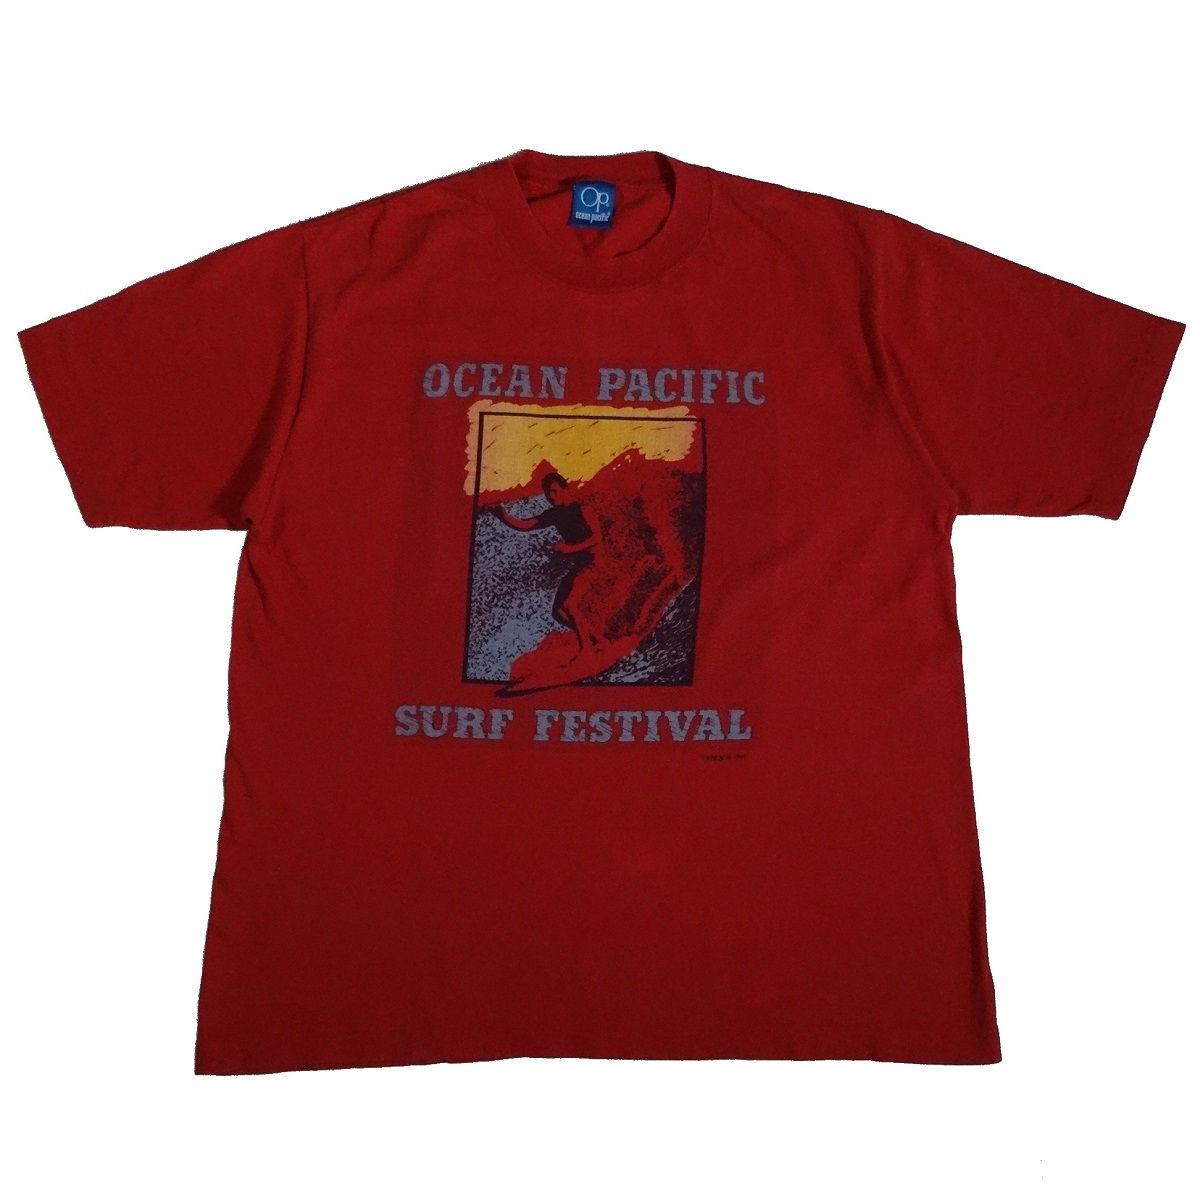 ocean pacific vintage 80s t shirt surf festival front